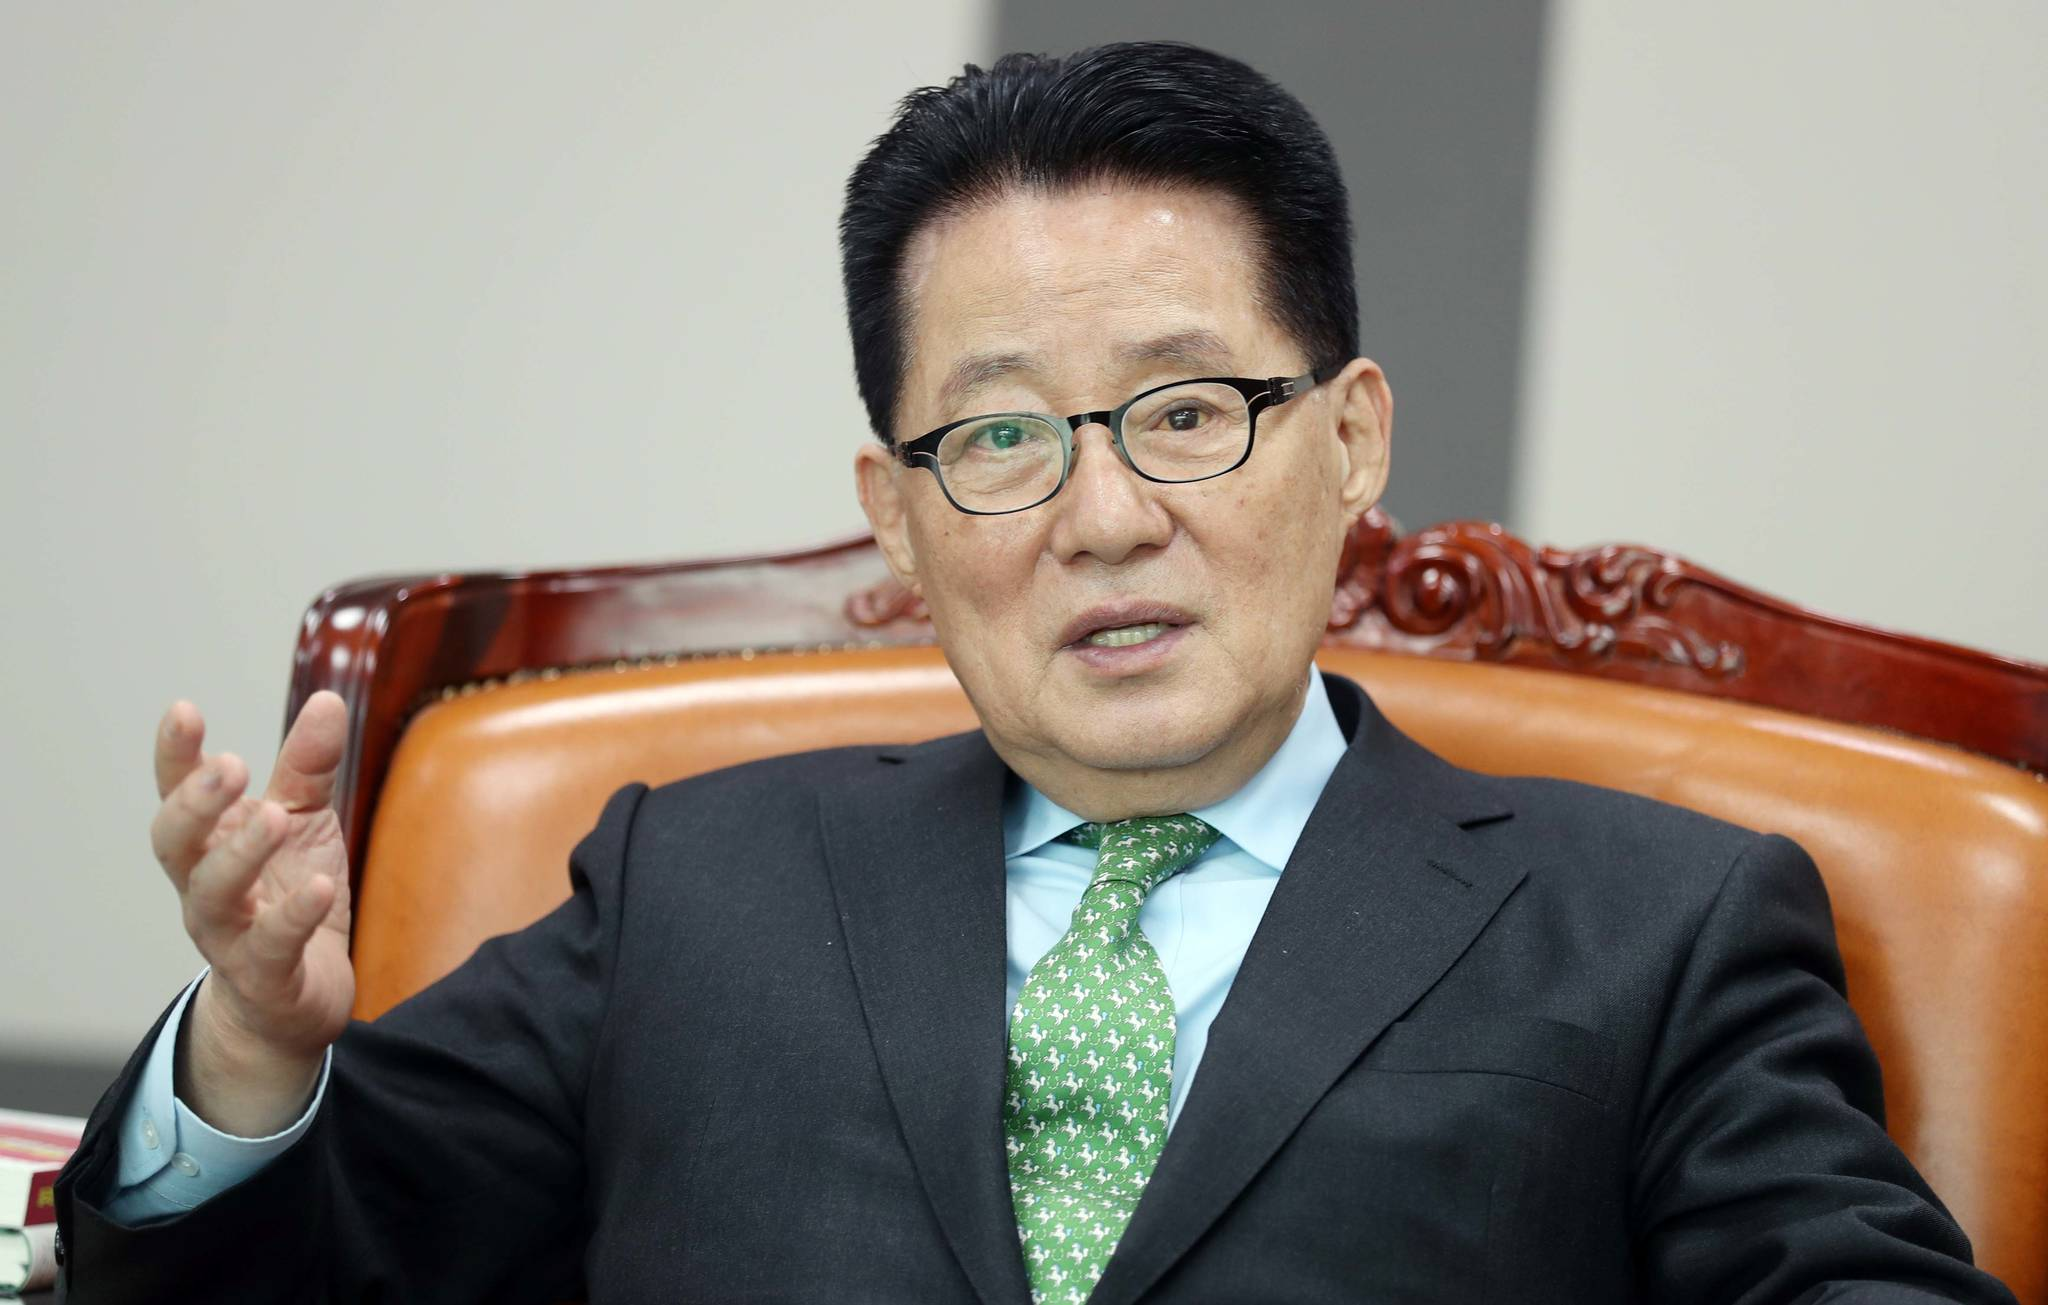 박지원 민주평화당 의원. [중앙포토]